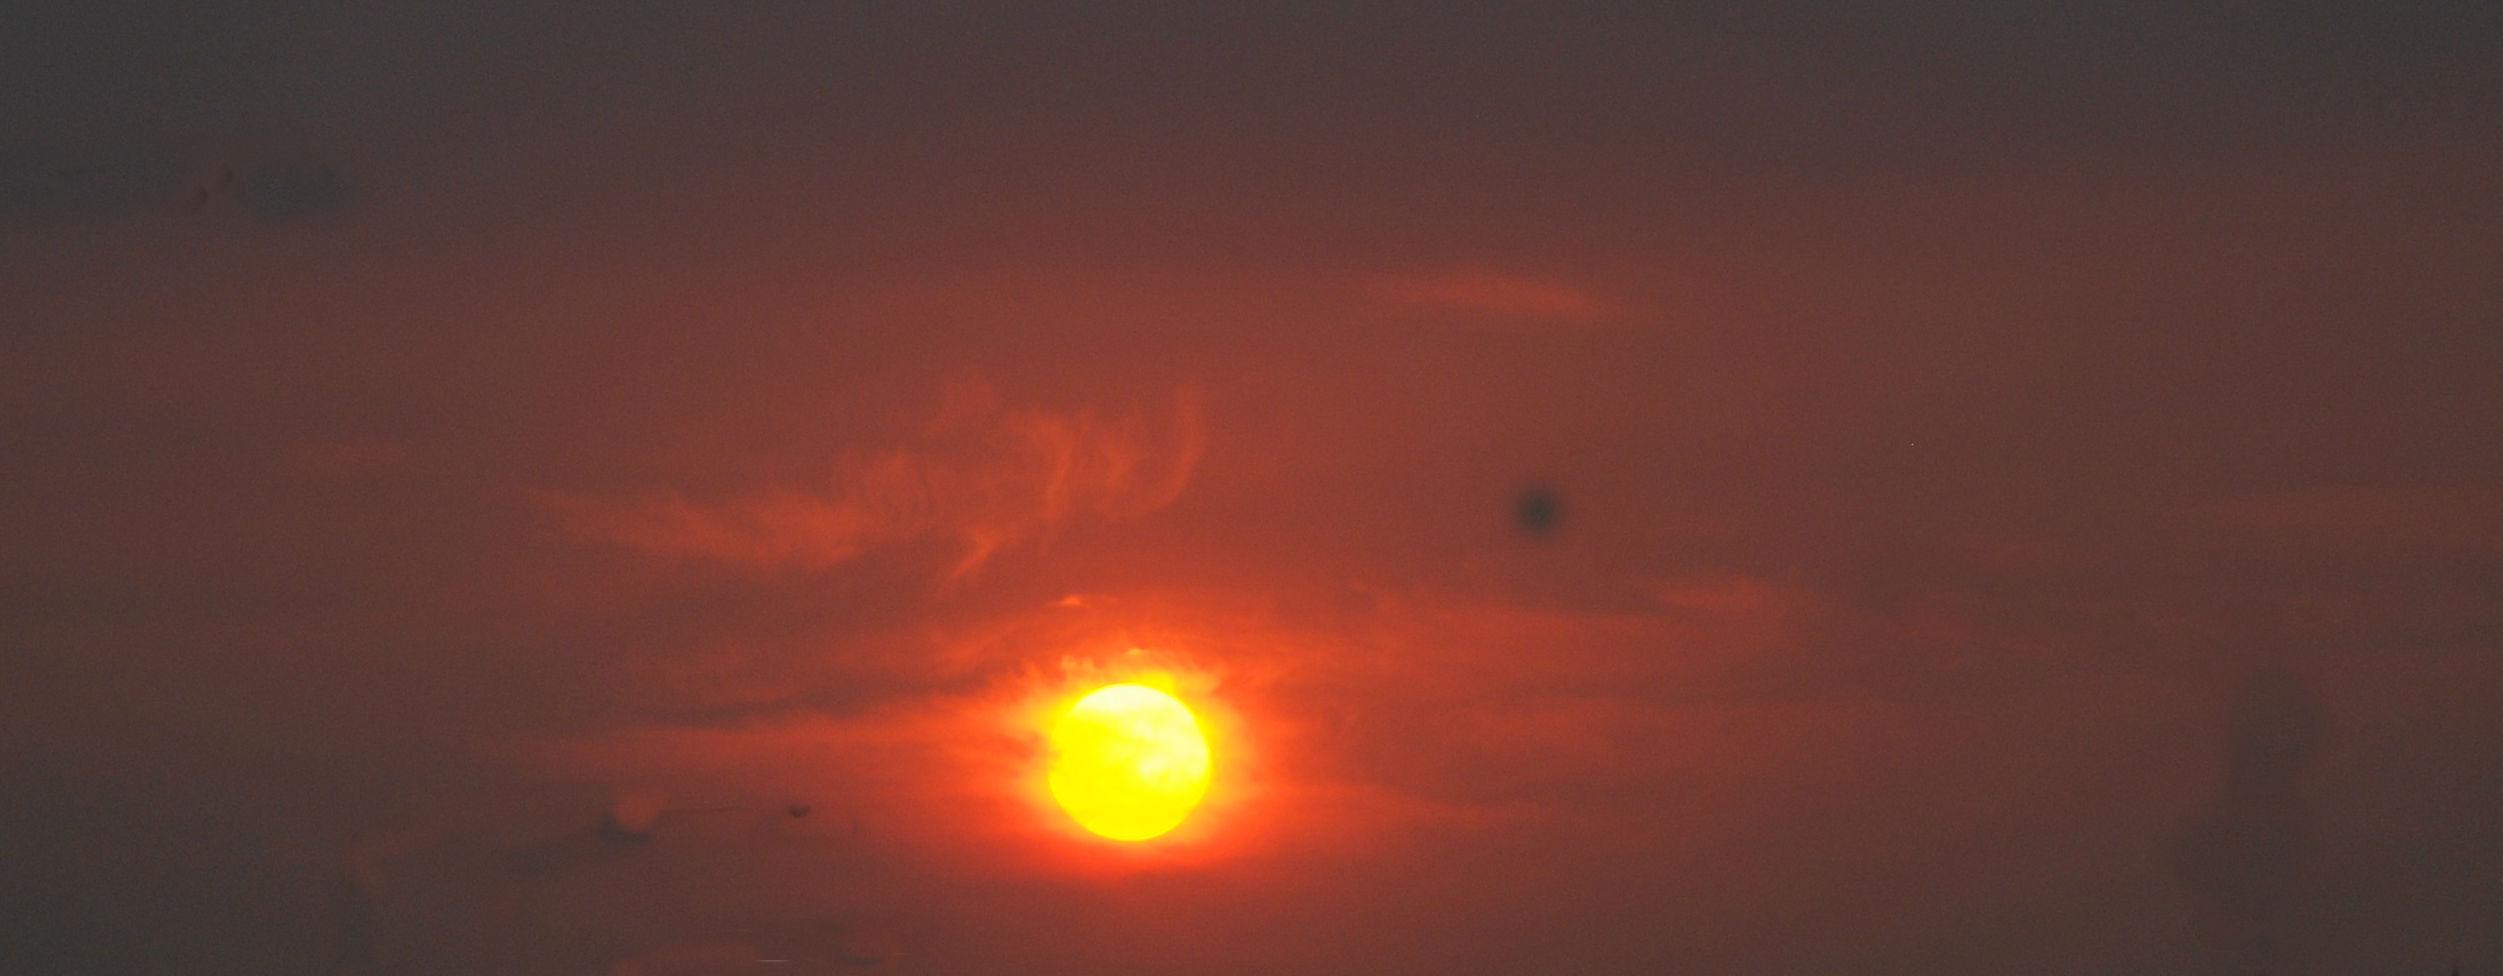 güneş3.jpg